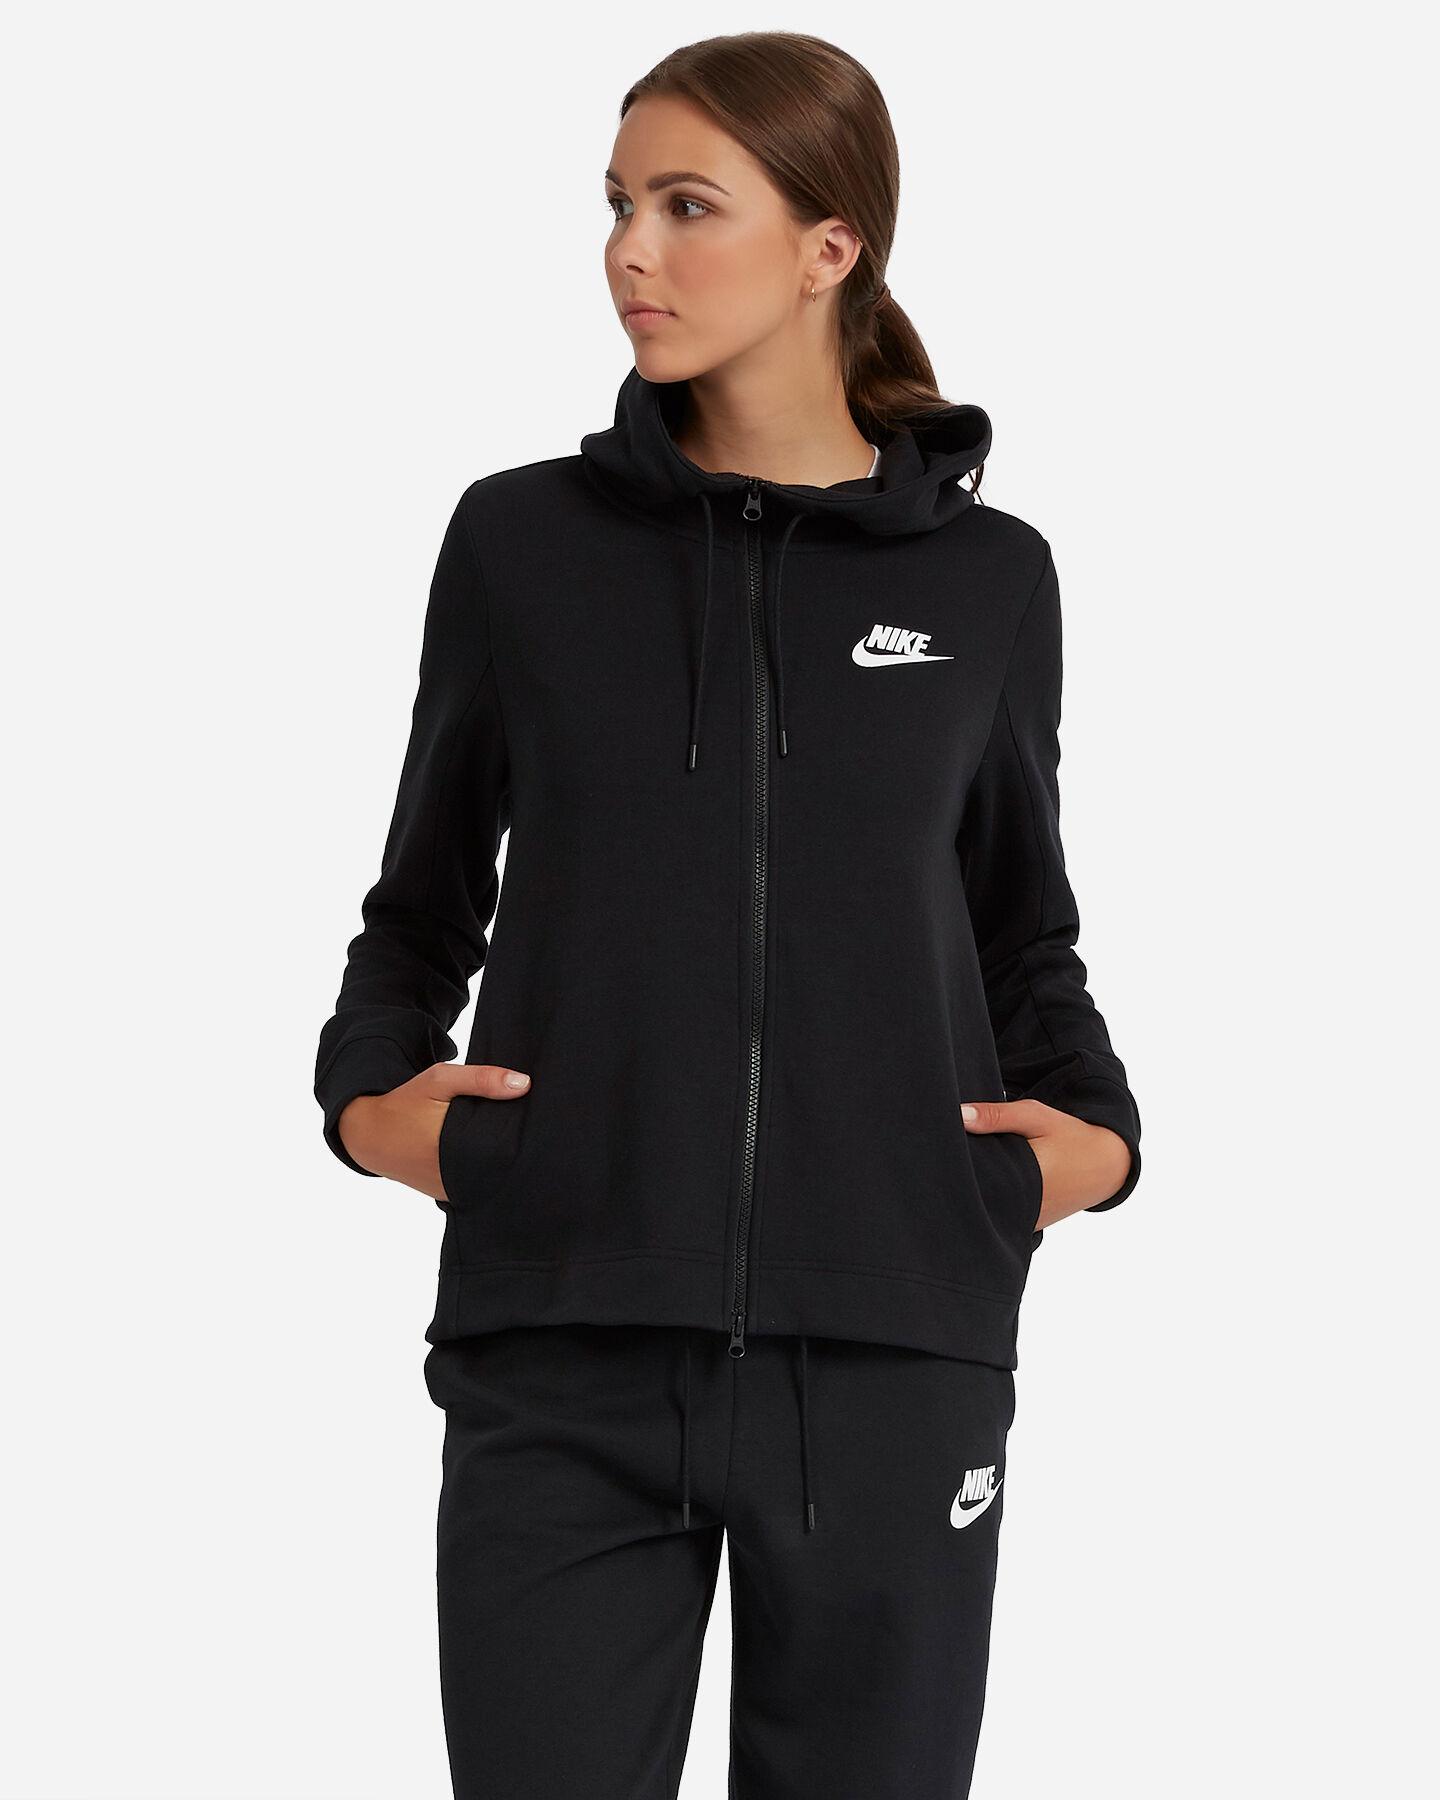 Nike E Tute Sport Felpe Scarpe Cisalfa Abbigliamento rtrwqUxR